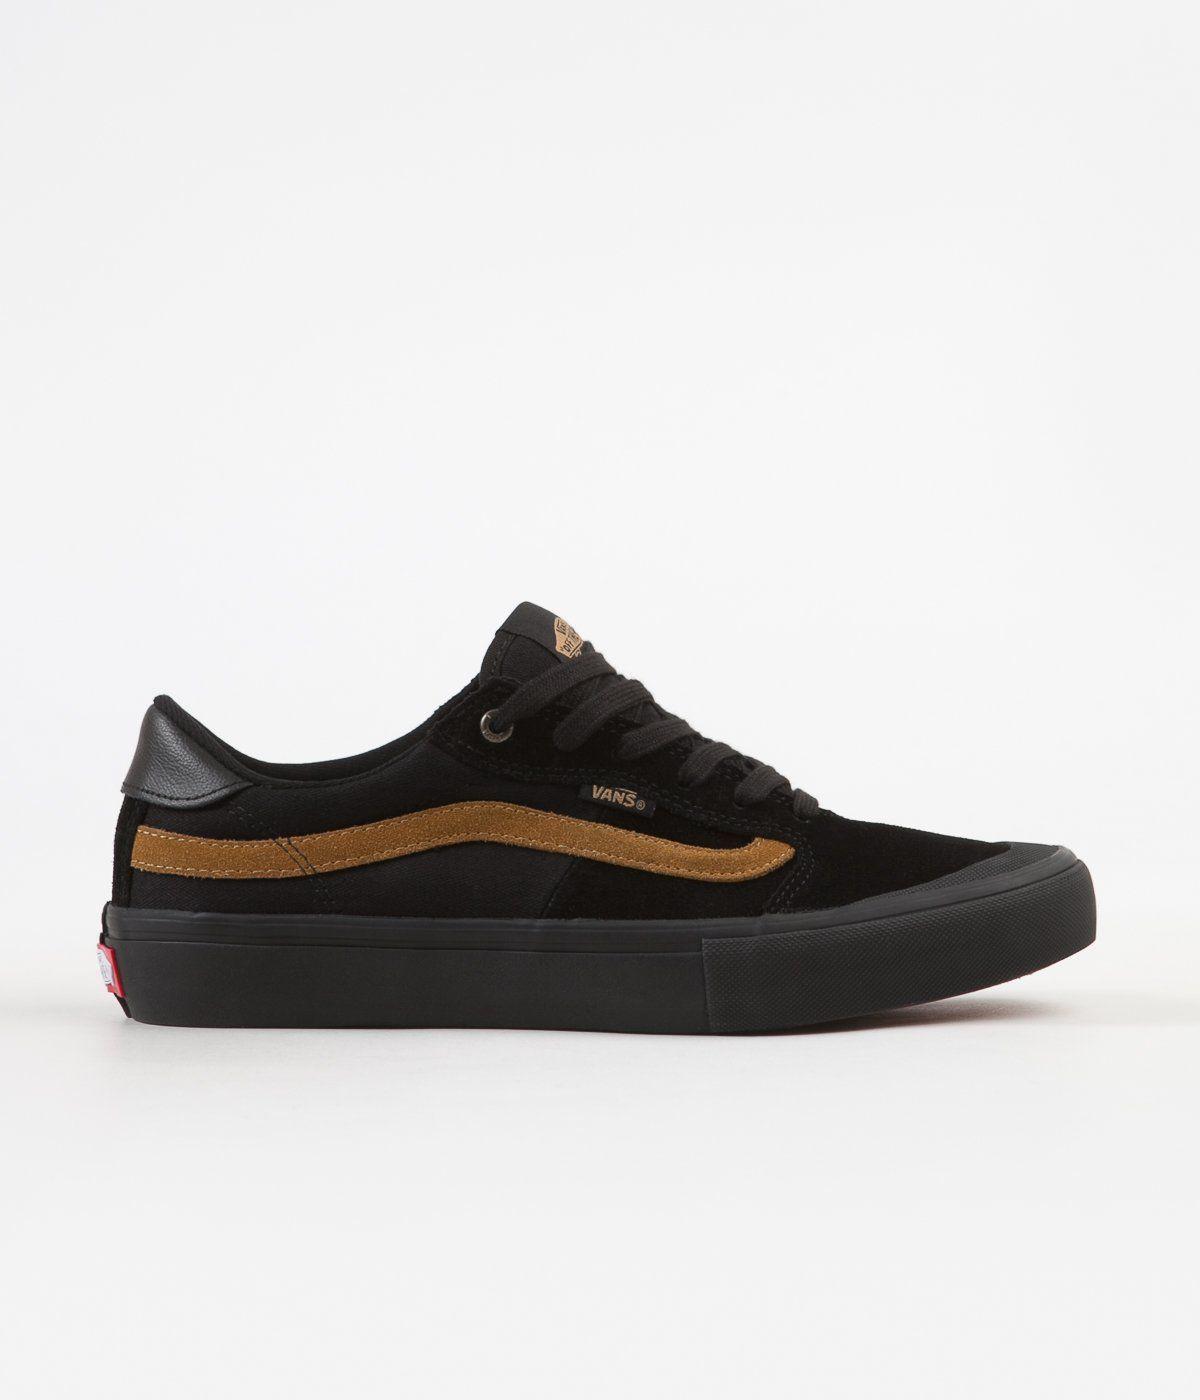 Vans Style 112 Pro Shoes - Black